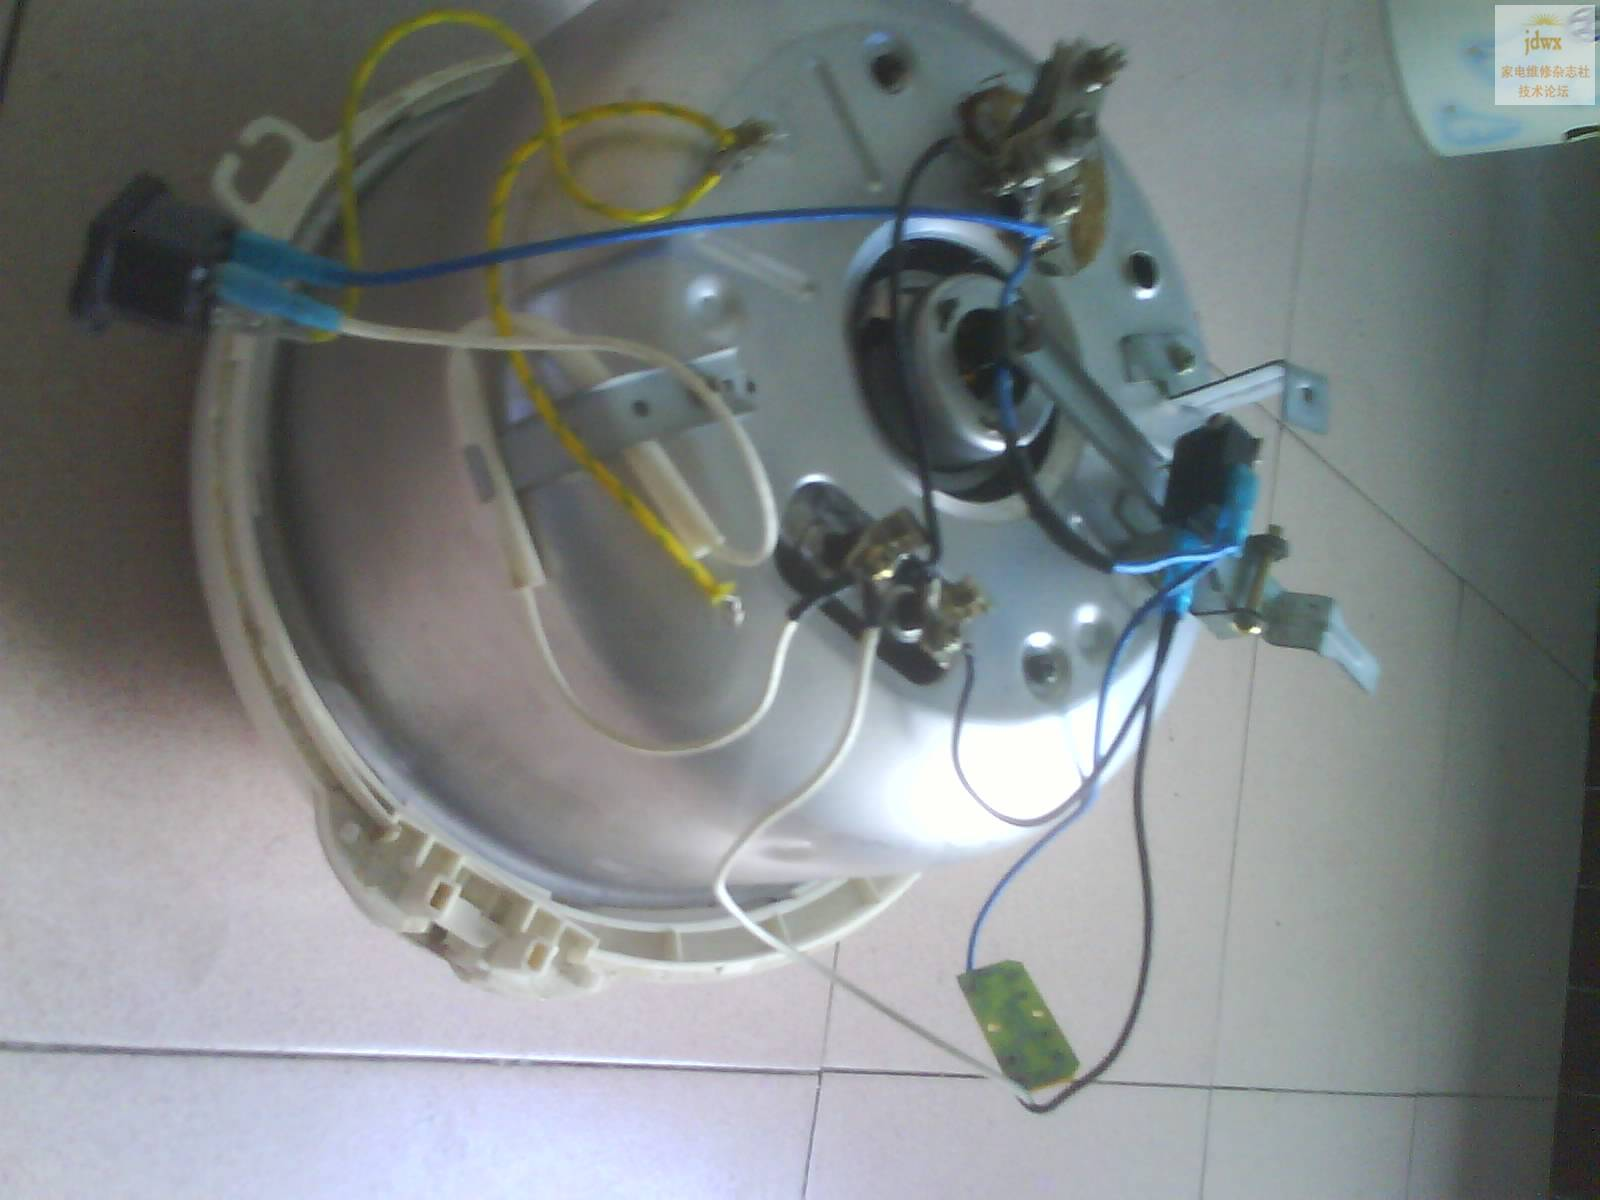 (102.46 KB)  --------------------------------- 是电脑板还是机械板的啊?电脑板按图去接,机械板就是门控和温控并联后再与发热盘串联就可以啦 --------------------------------- 工程师连接这二根线都接不来?拿来叫我徒弟帮忙弄一下了但声明一下:我徒弟可不是工程师。 --------------------------------- 从图片上看,接线正确。。是保温开关有问题,两触点未接通。 -----------------------